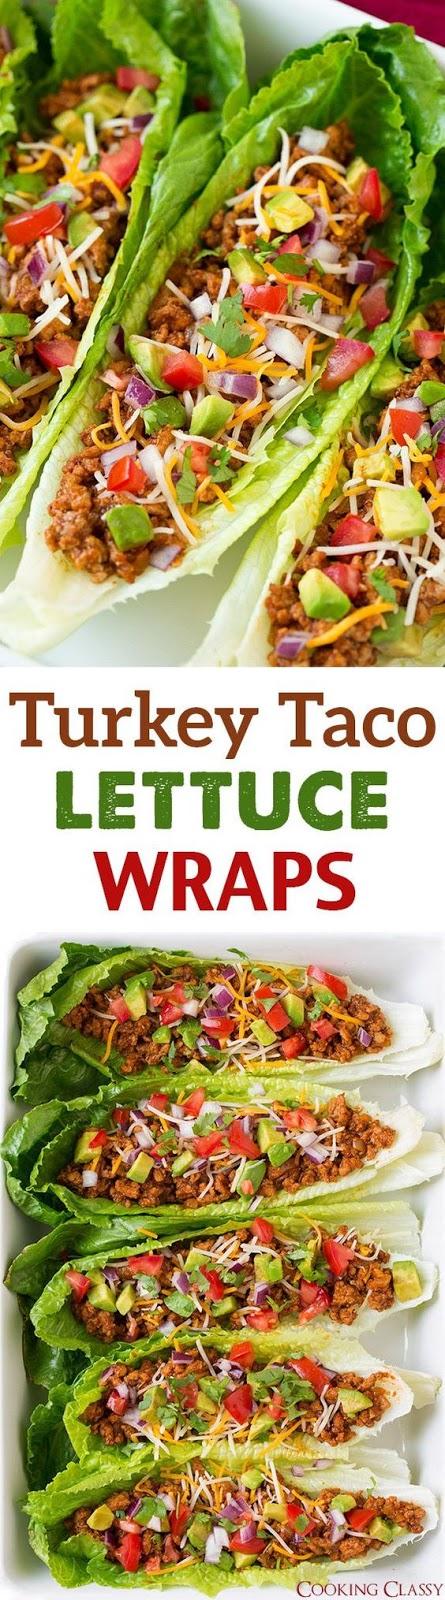 Turkey Taco Lettuce Wraps | CUCINA DE YUNG